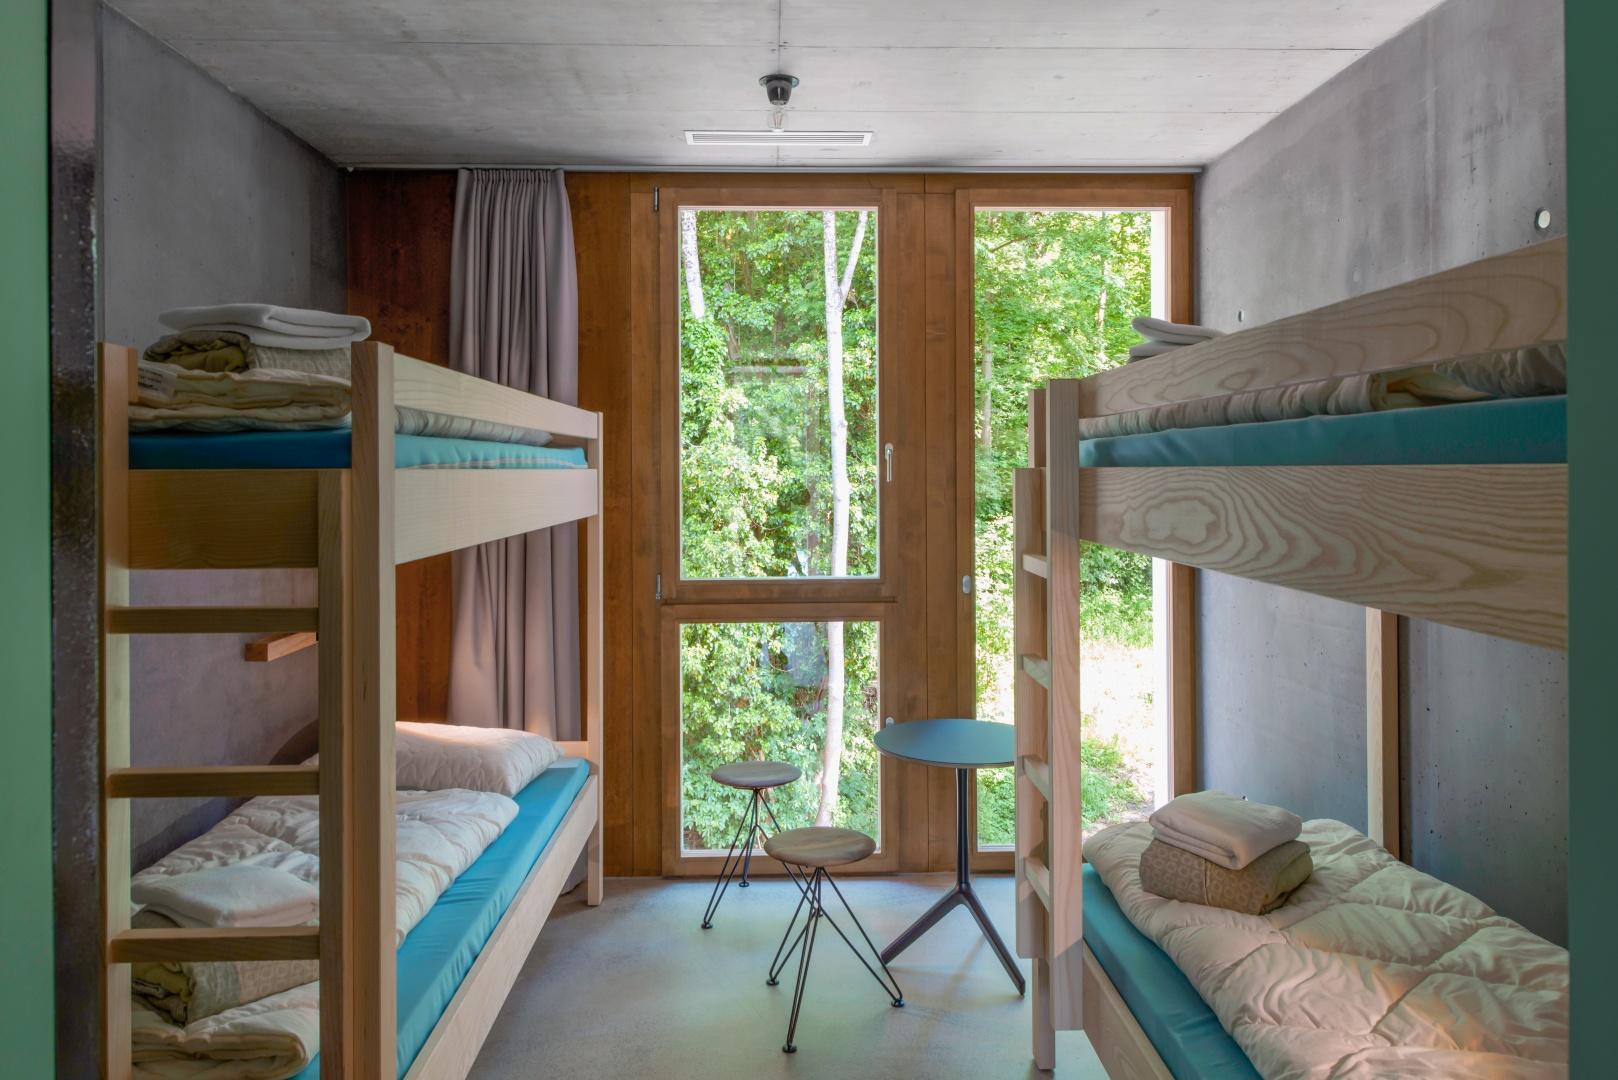 Blick ins Vierer-Zimmer des  neuen Dormitoriums: beide Stockbetten sind auf die grüne «Wand» zum Bundeshaus hin belichtet. © Adrian Scheidegger